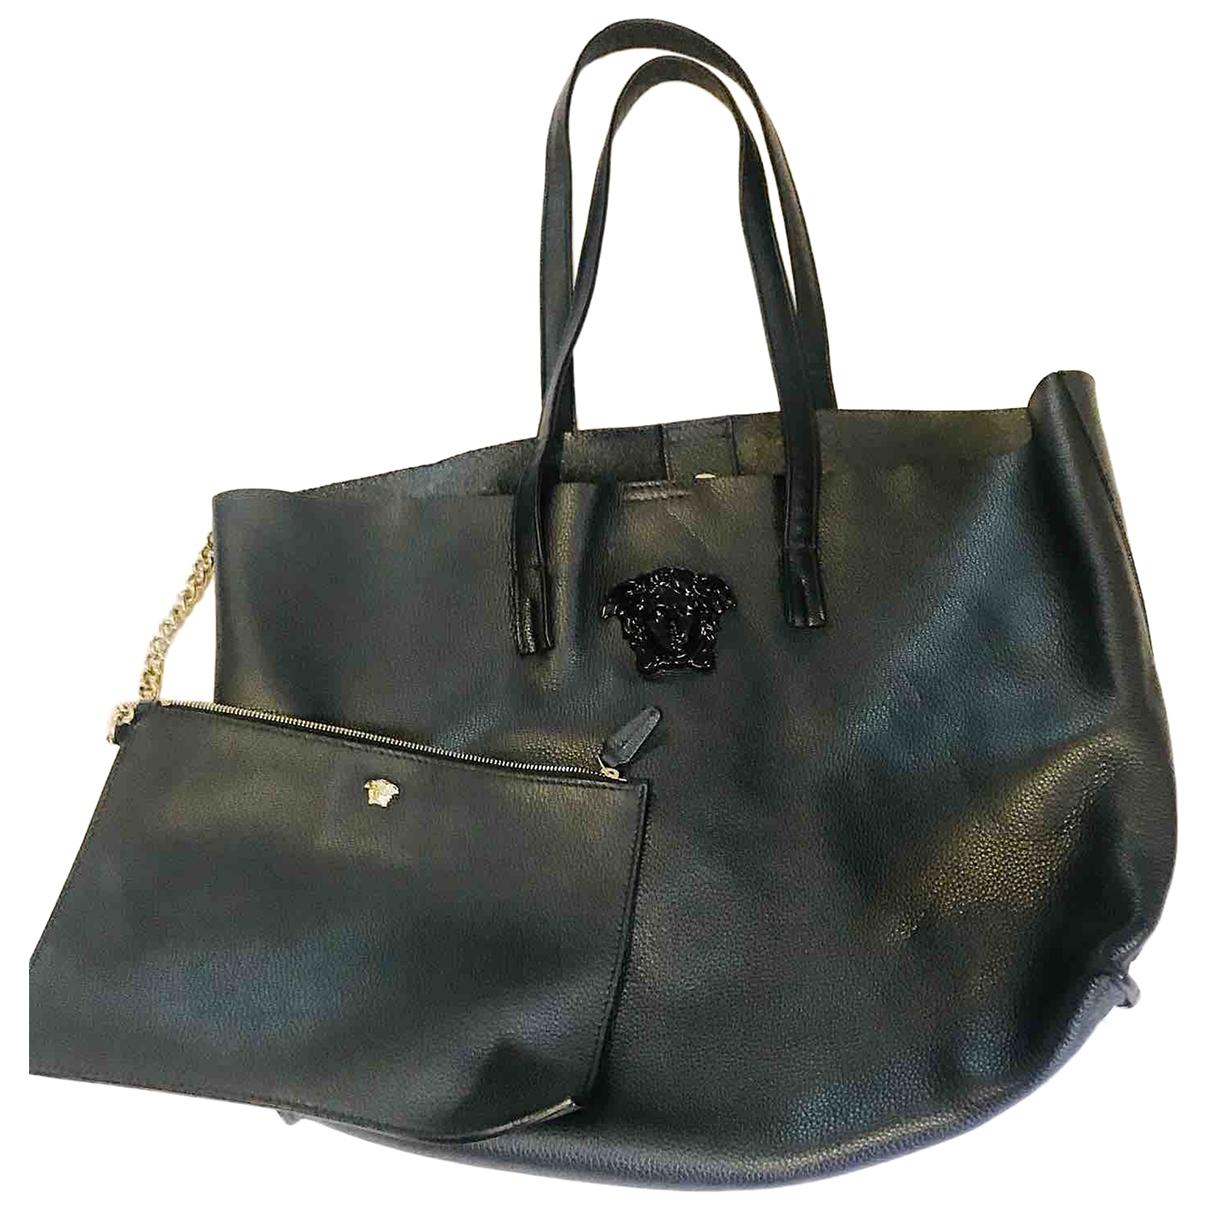 Versace - Sac a main Palazzo Empire pour femme en cuir - noir